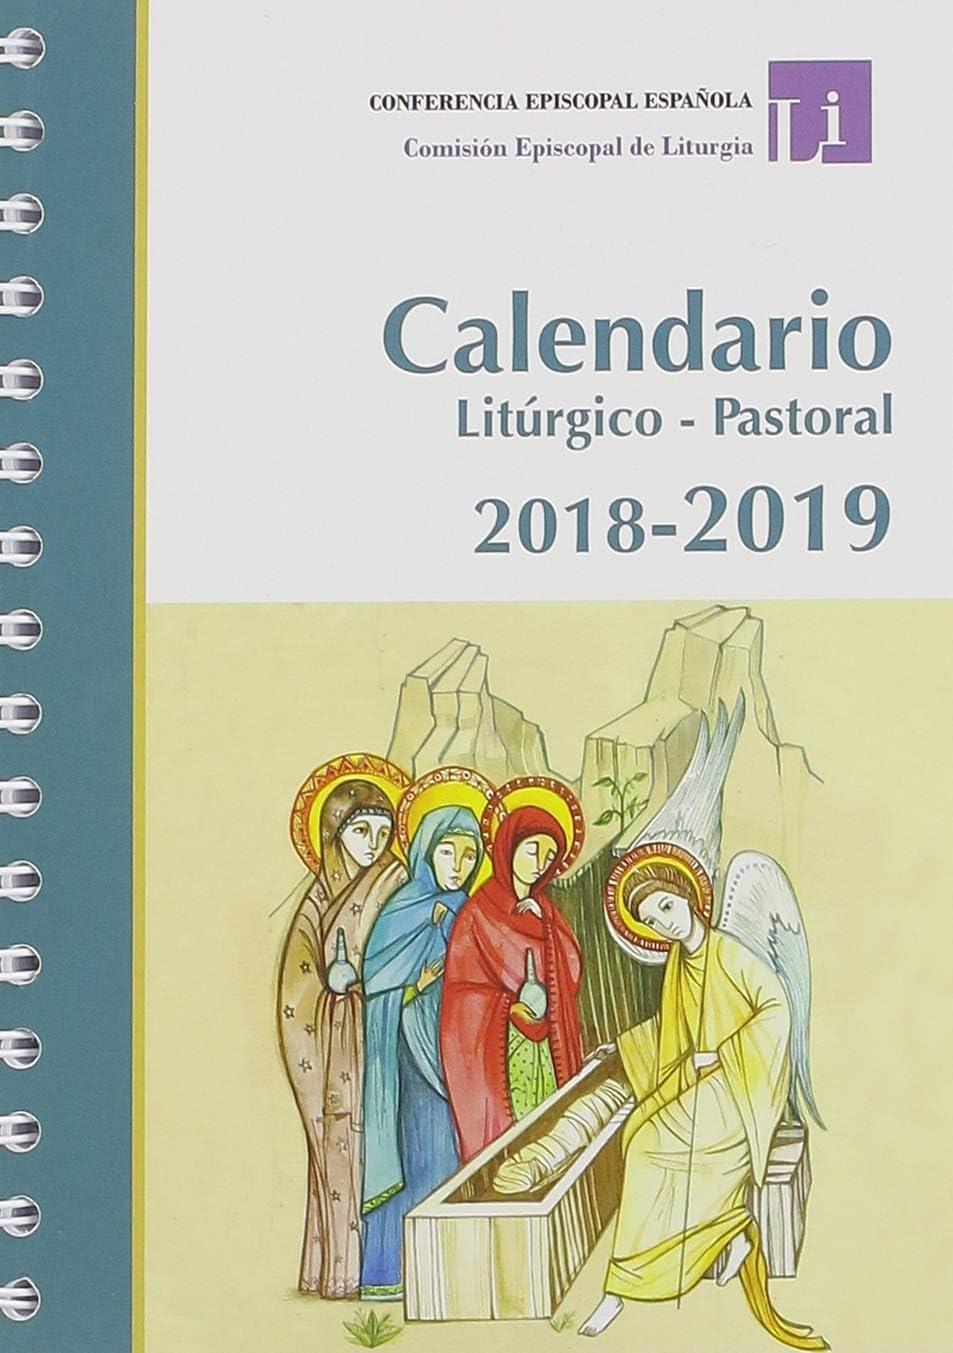 Calendario Litúrgico Pastoral 2019: CONFERENCIA EPISCOPAL ESPAÑOLA ...